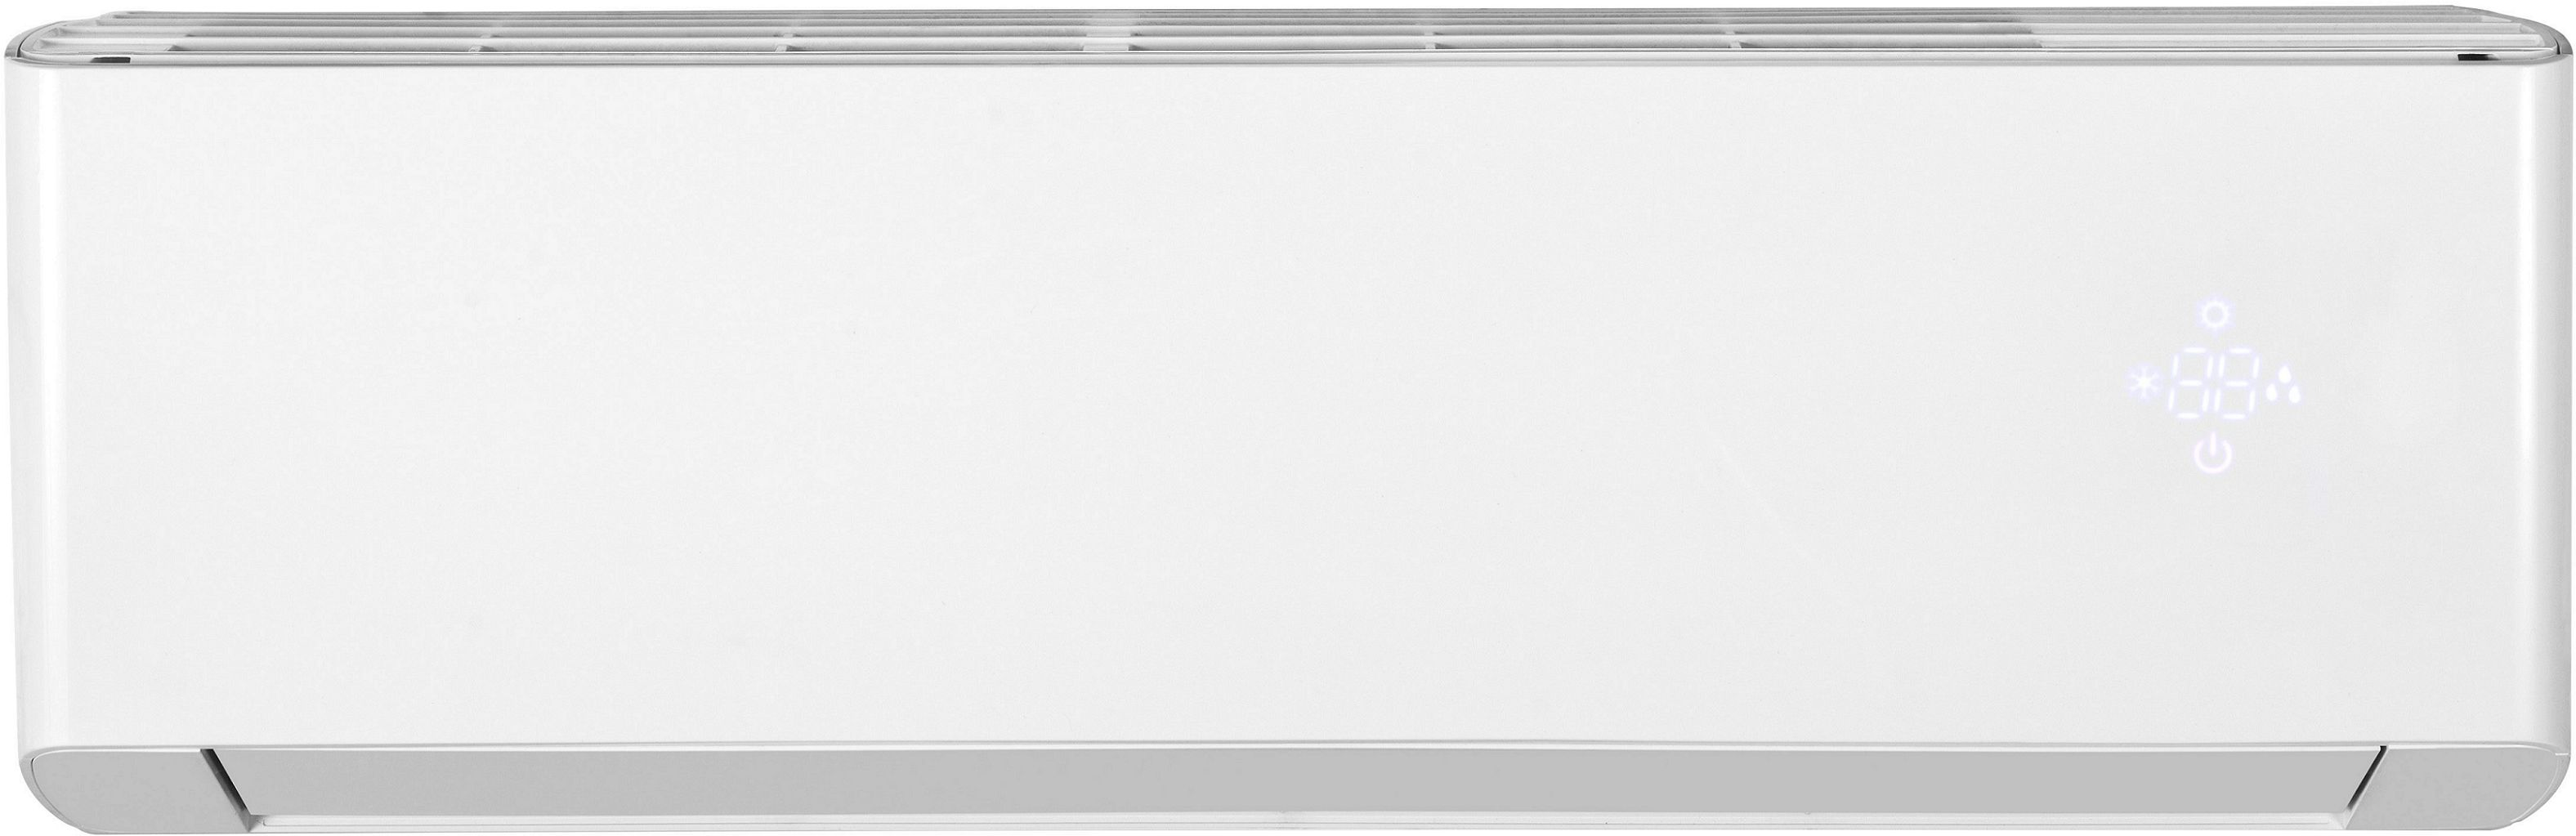 Klimatyzator ścienny Gree Amber Standard GWH09YC-K6DNA1A